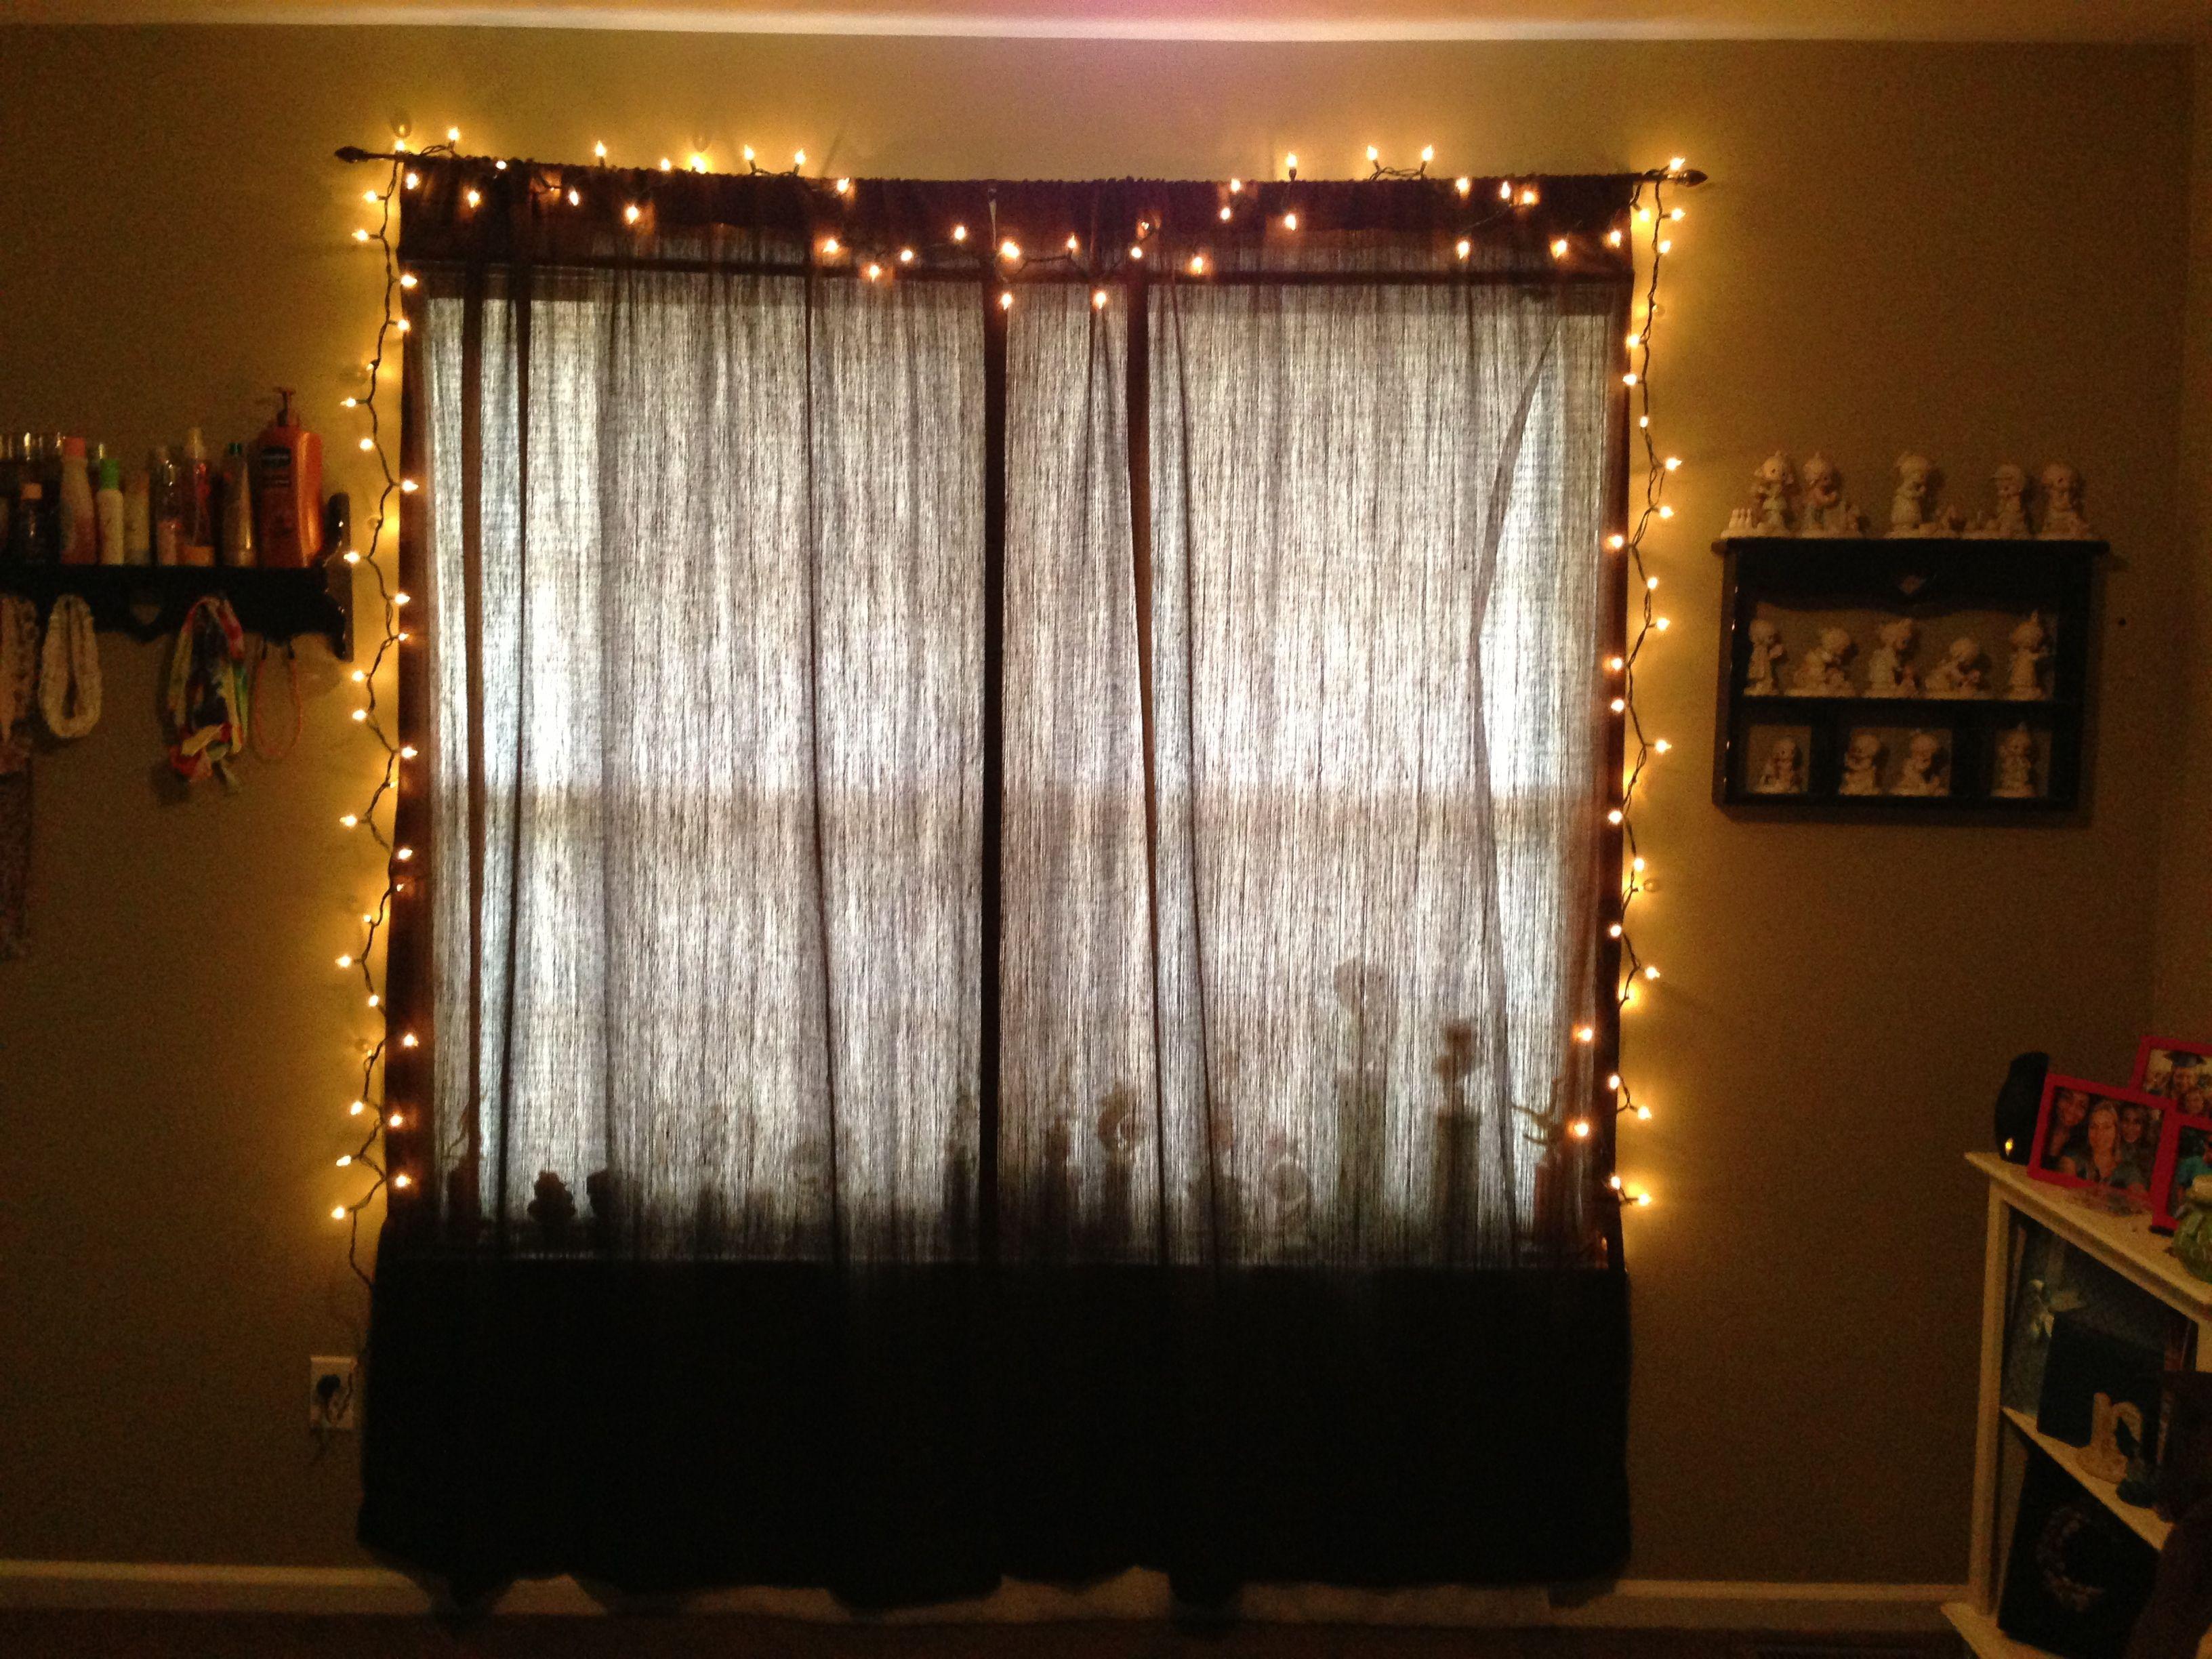 string lights in bedroom over window deocrating. Black Bedroom Furniture Sets. Home Design Ideas